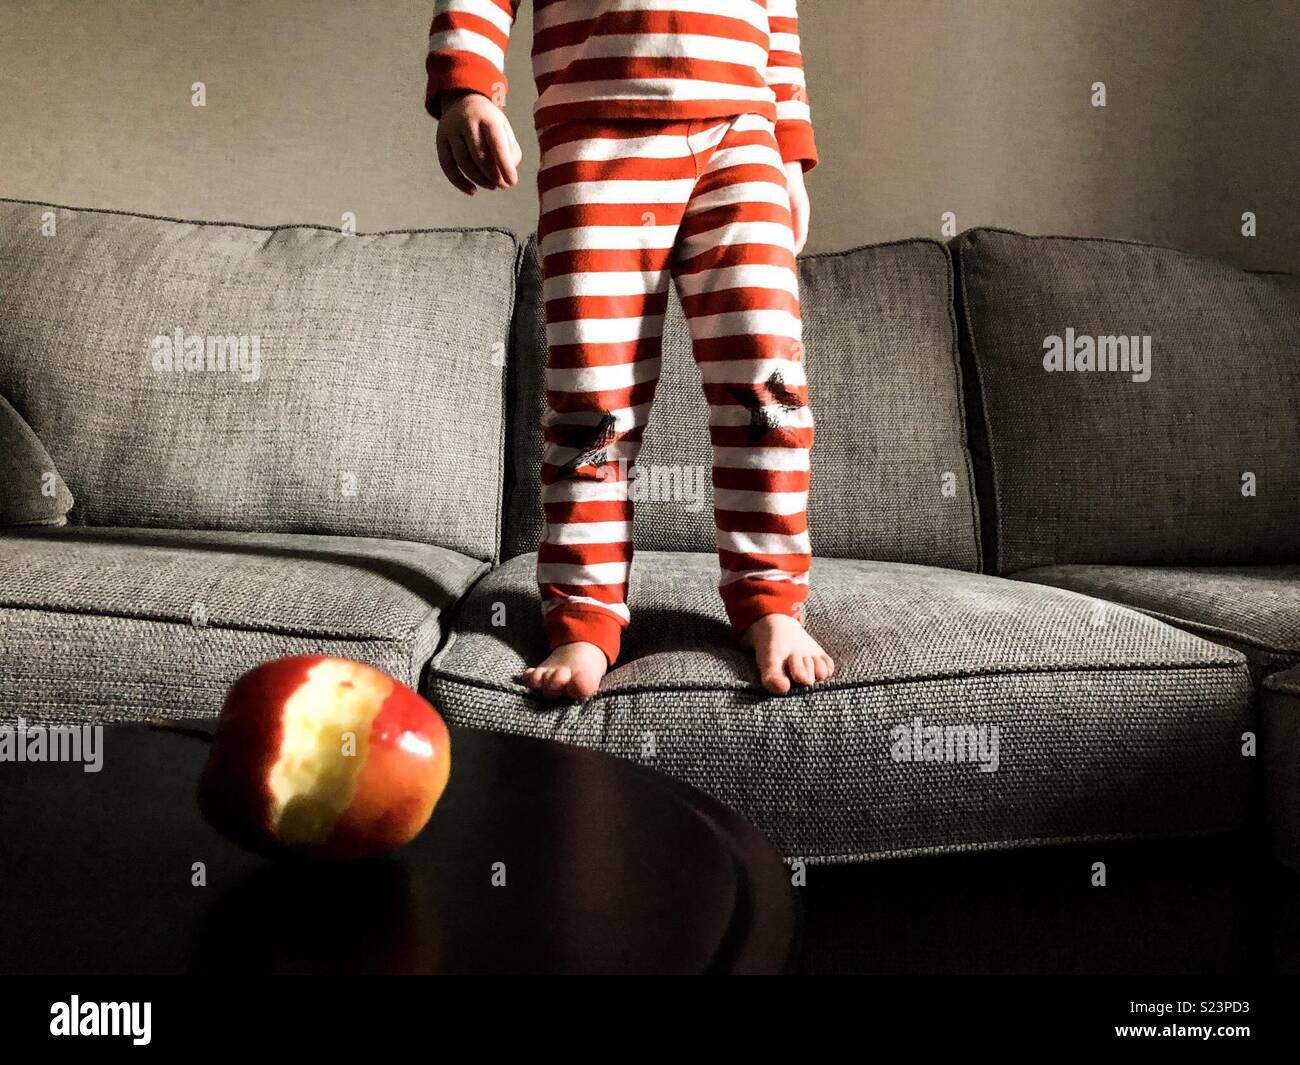 Bambino con pigiami a strisce sul divano con mezze mangiate apple Immagini Stock